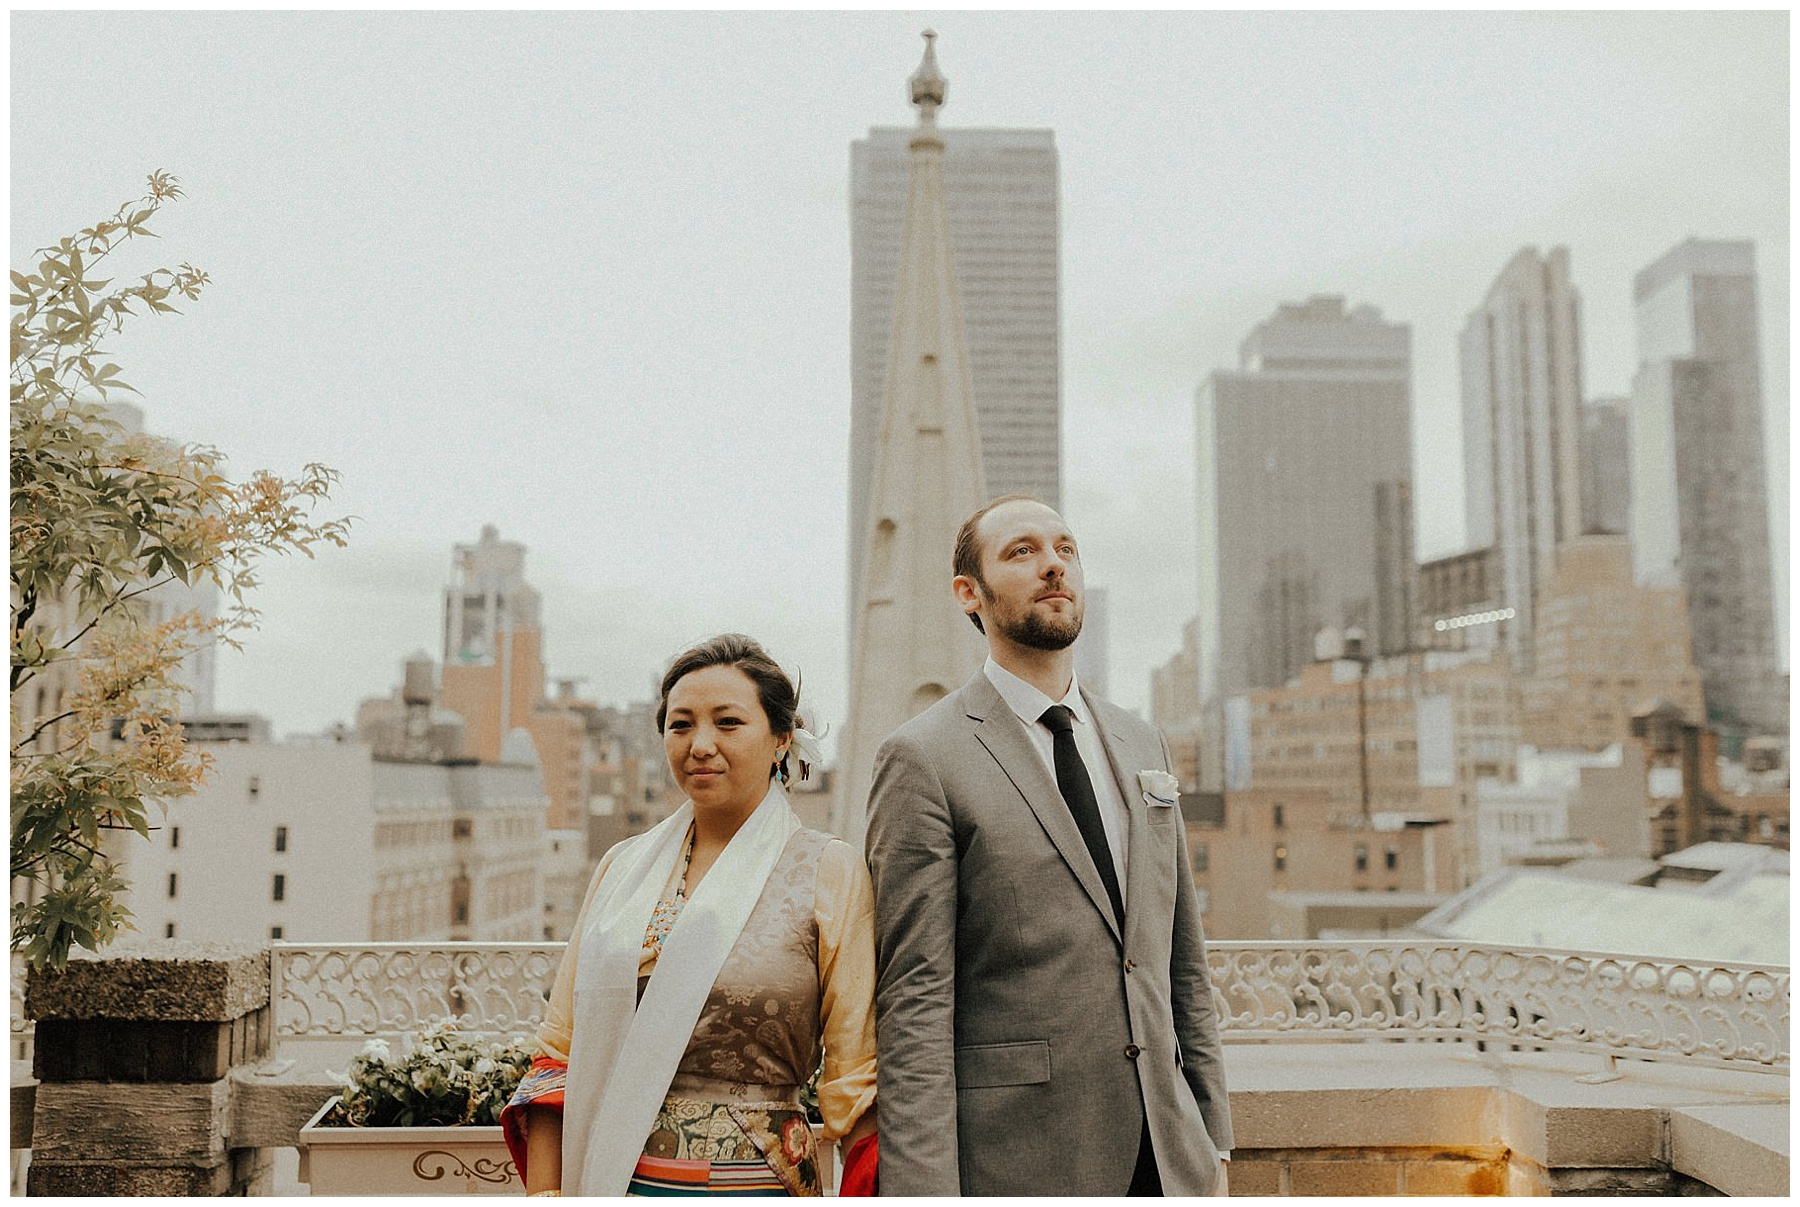 New York City Wedding New York City Wedding Photographer-136.jpg